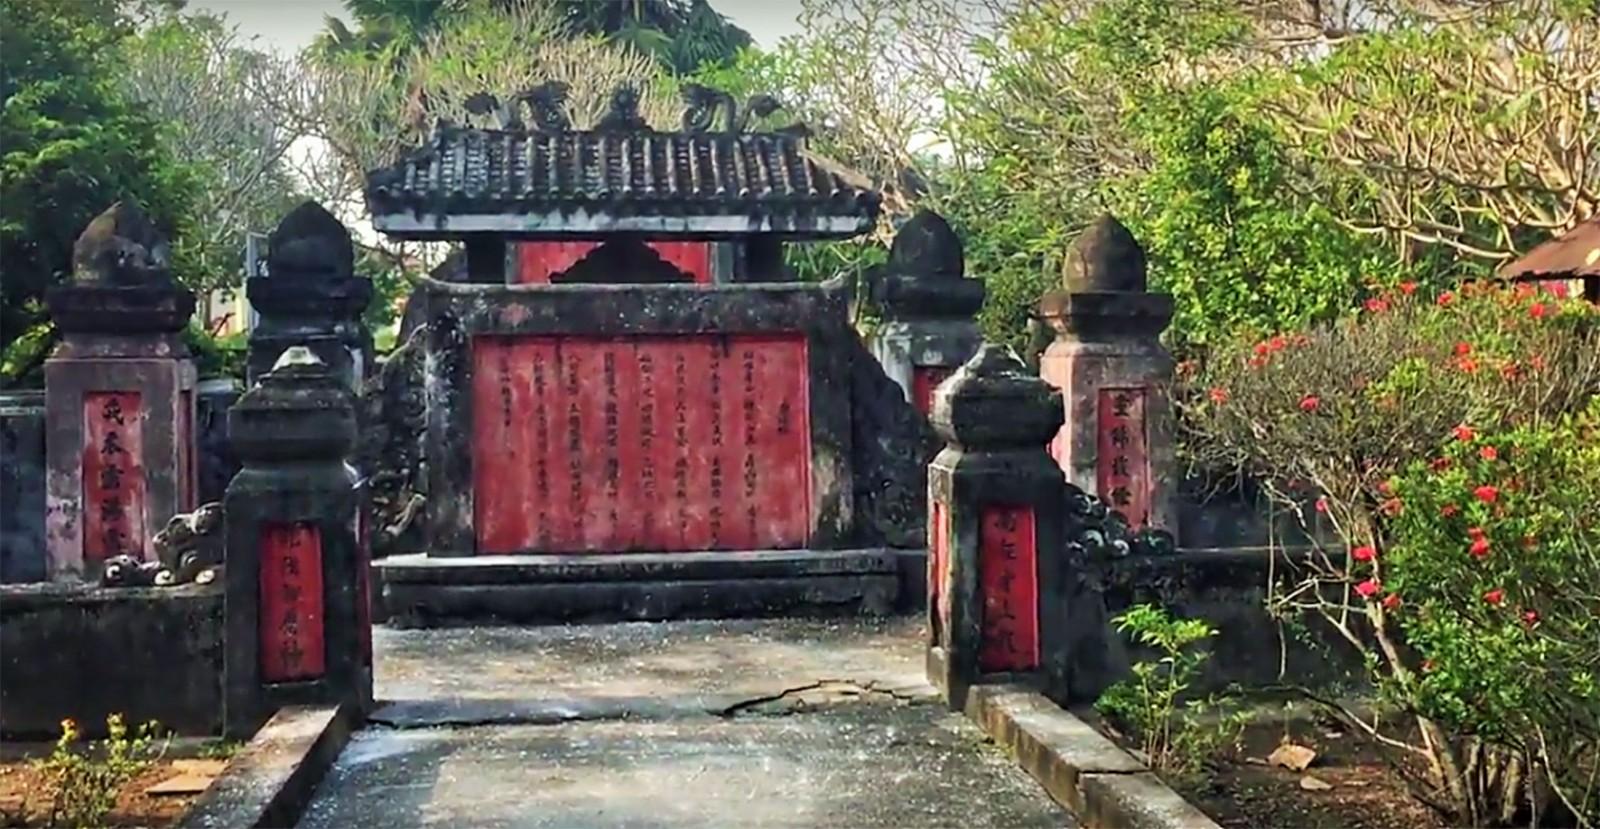 Khu mộ Tiền quân Nguyễn Huỳnh Đức. Ảnh: DUY KHÔI